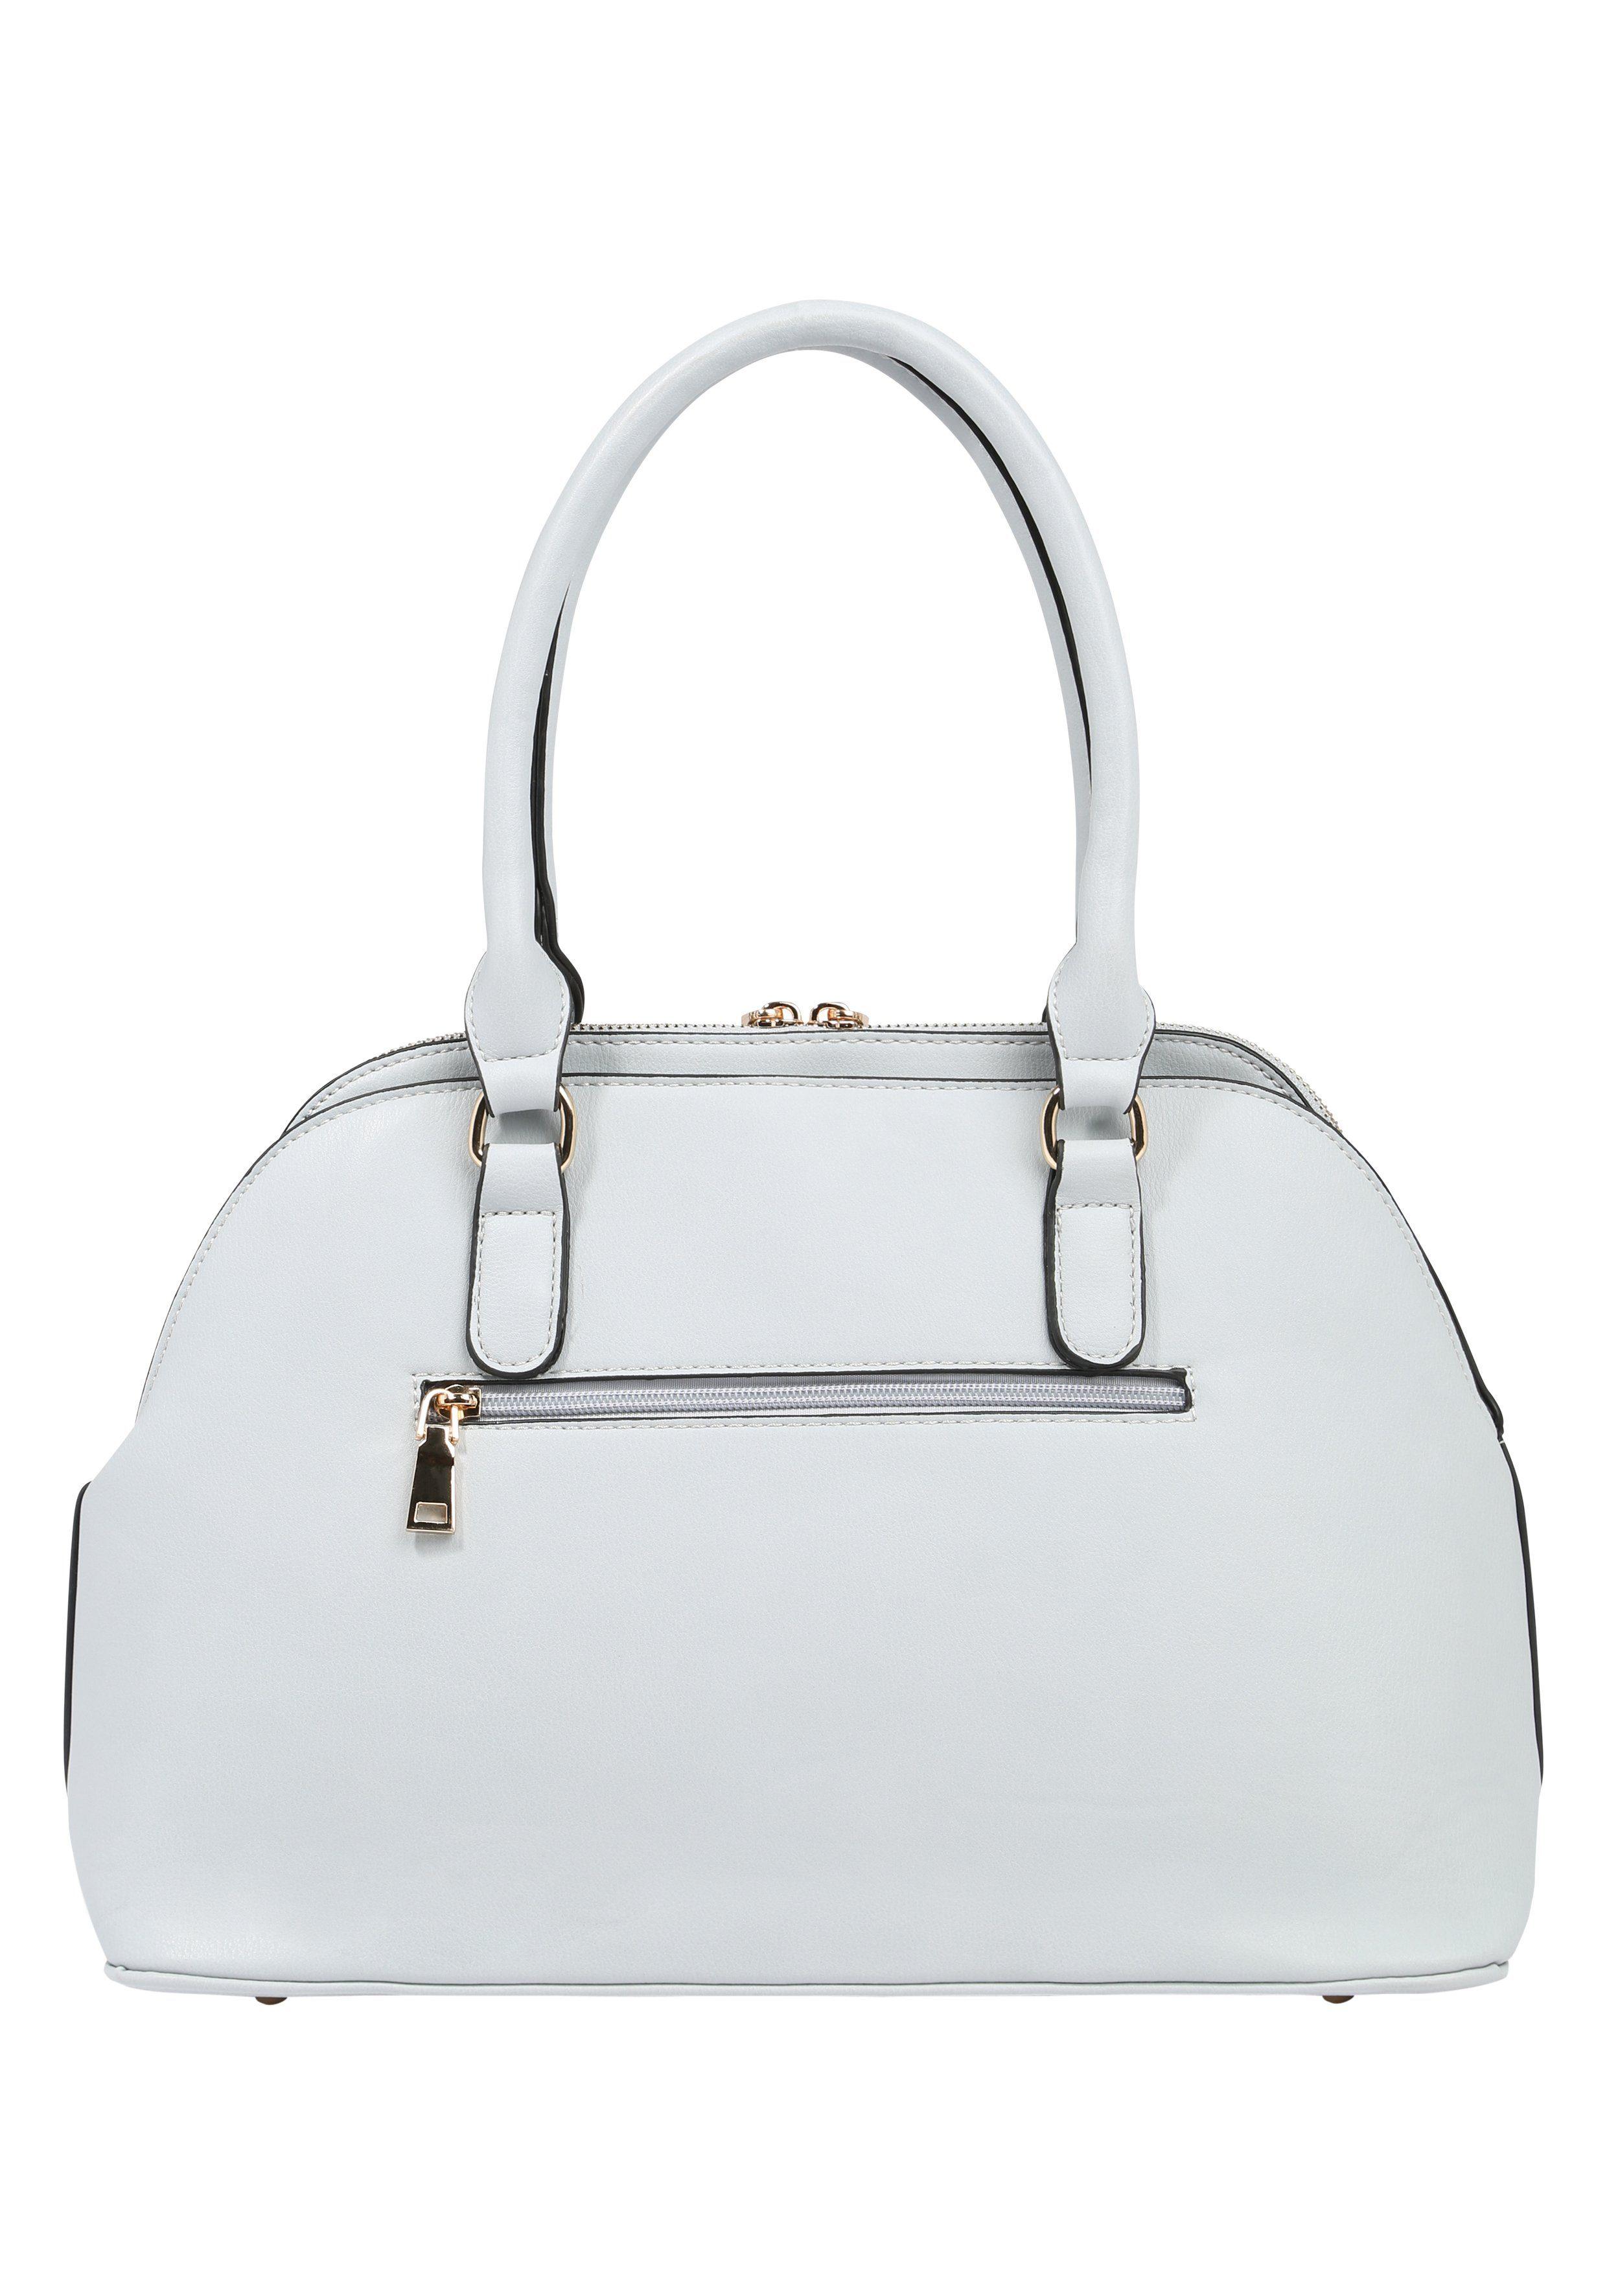 In Artikel nr Kaufen Klassischer Piu Handtasche Er Form 5407584099 EwqHgn6